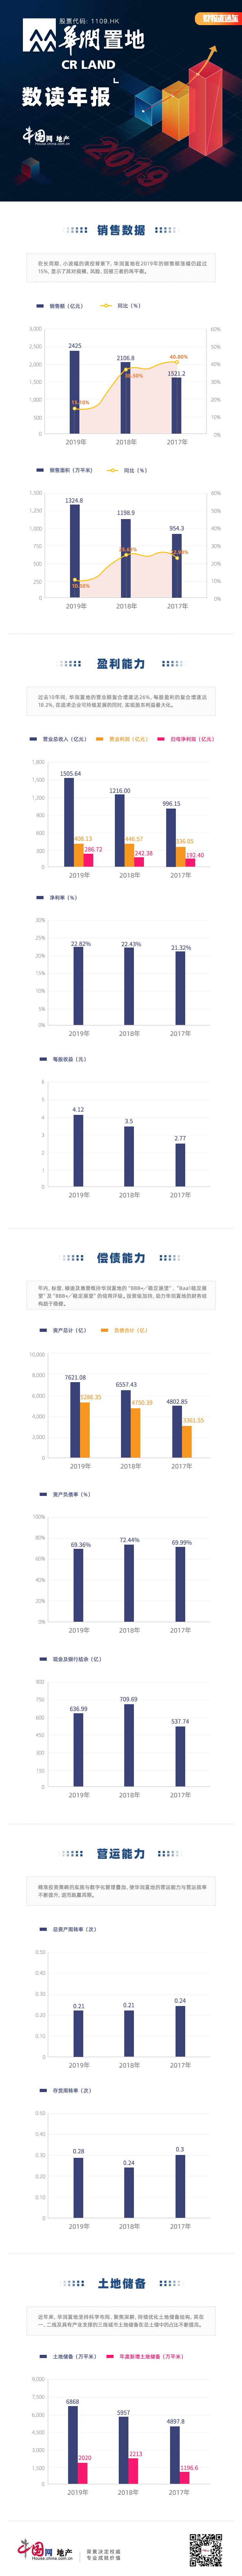 数读年报|华润置地:2019年营收超1500亿元 现金及银行结余636.99亿-中国网地产